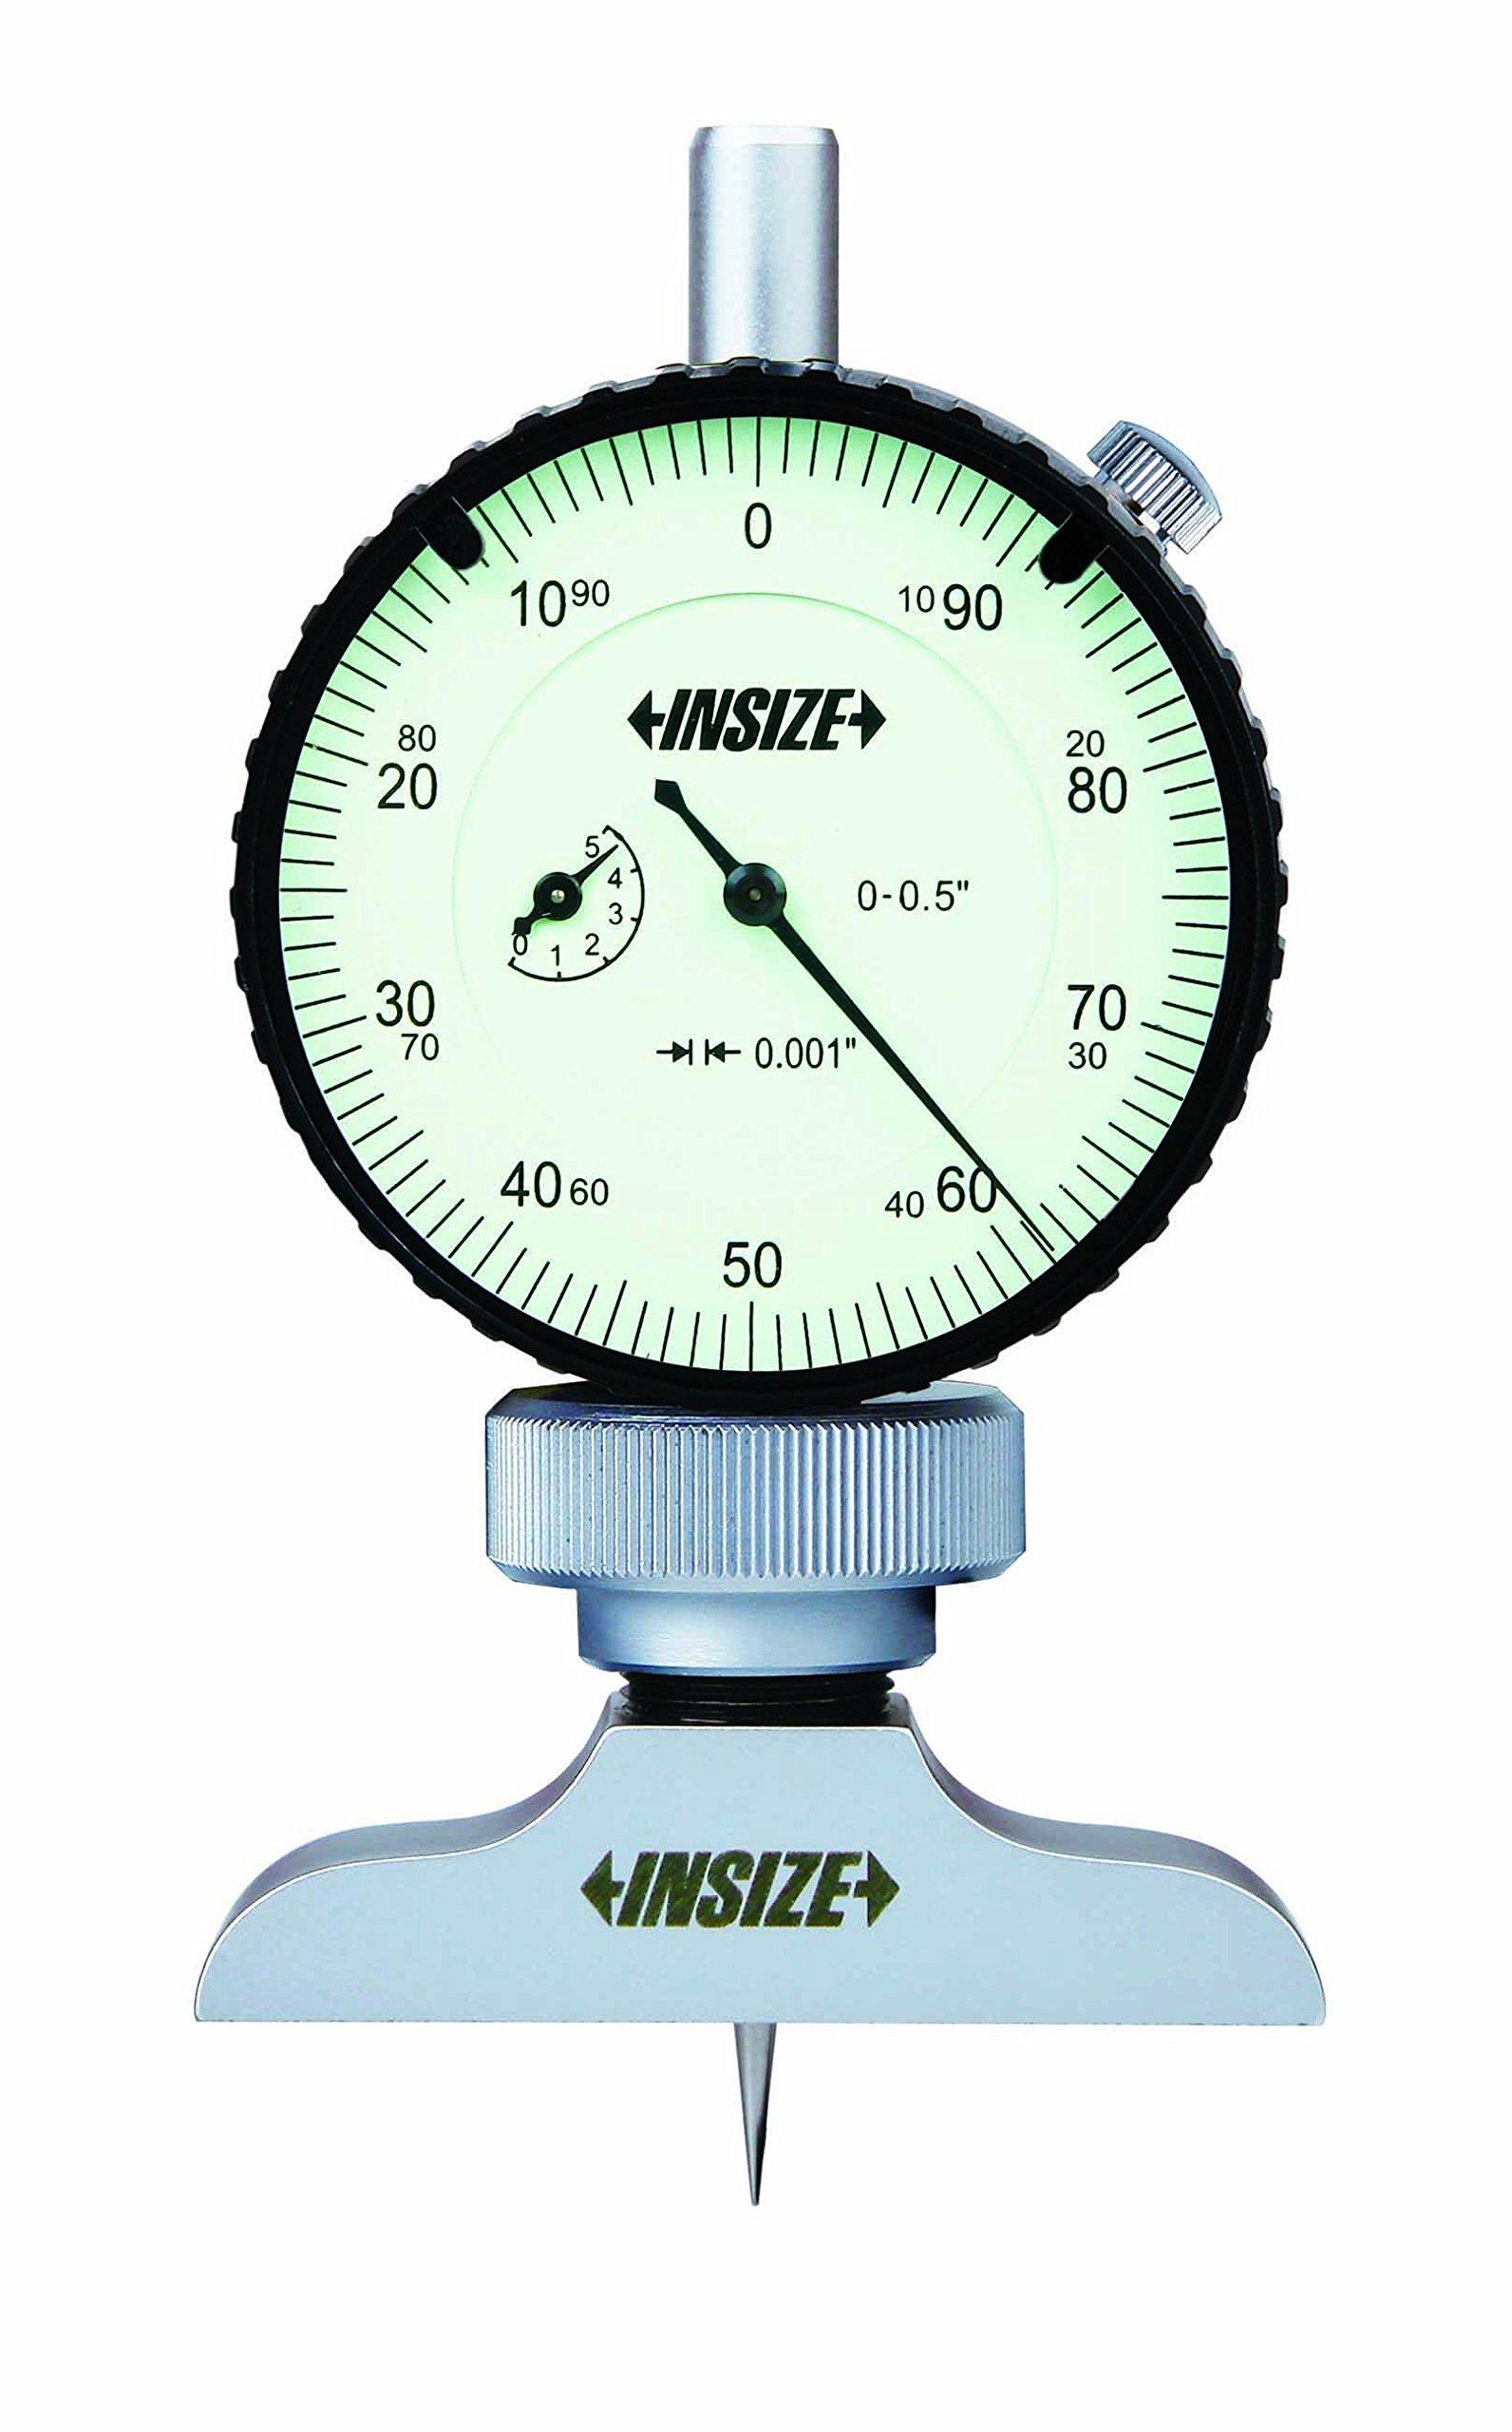 INSIZE 2341-2E2 Dial Depth Gage 0.001 Dial Indicator Graduation 0-12